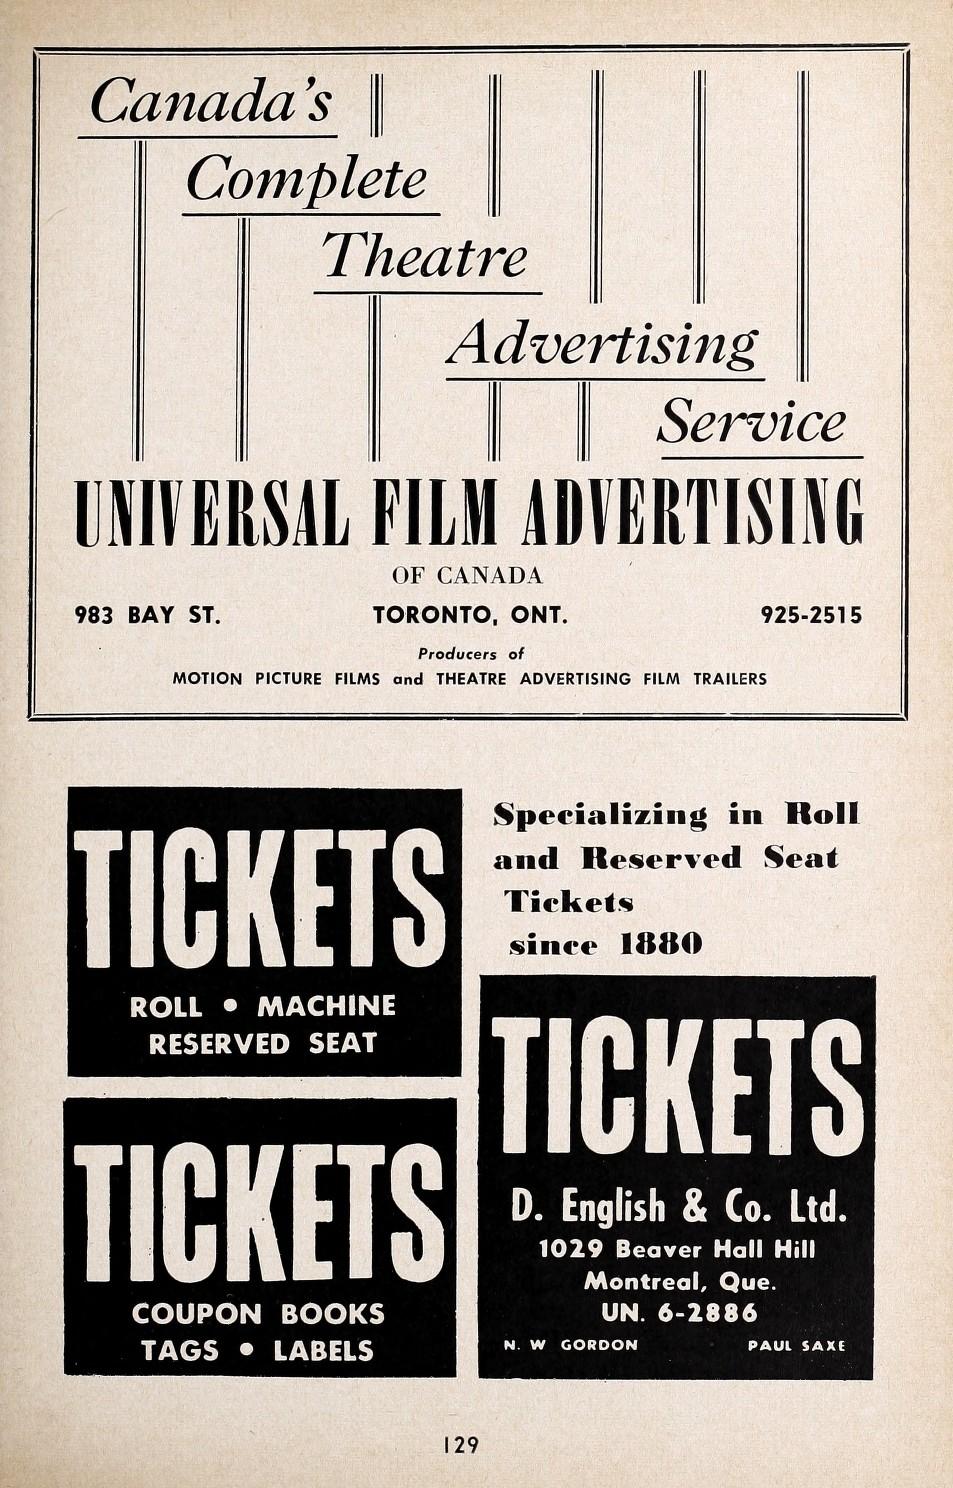 196263yearbookca00film_jp2.zip&file=196263yearbookca00film_jp2%2f196263yearbookca00film_0131